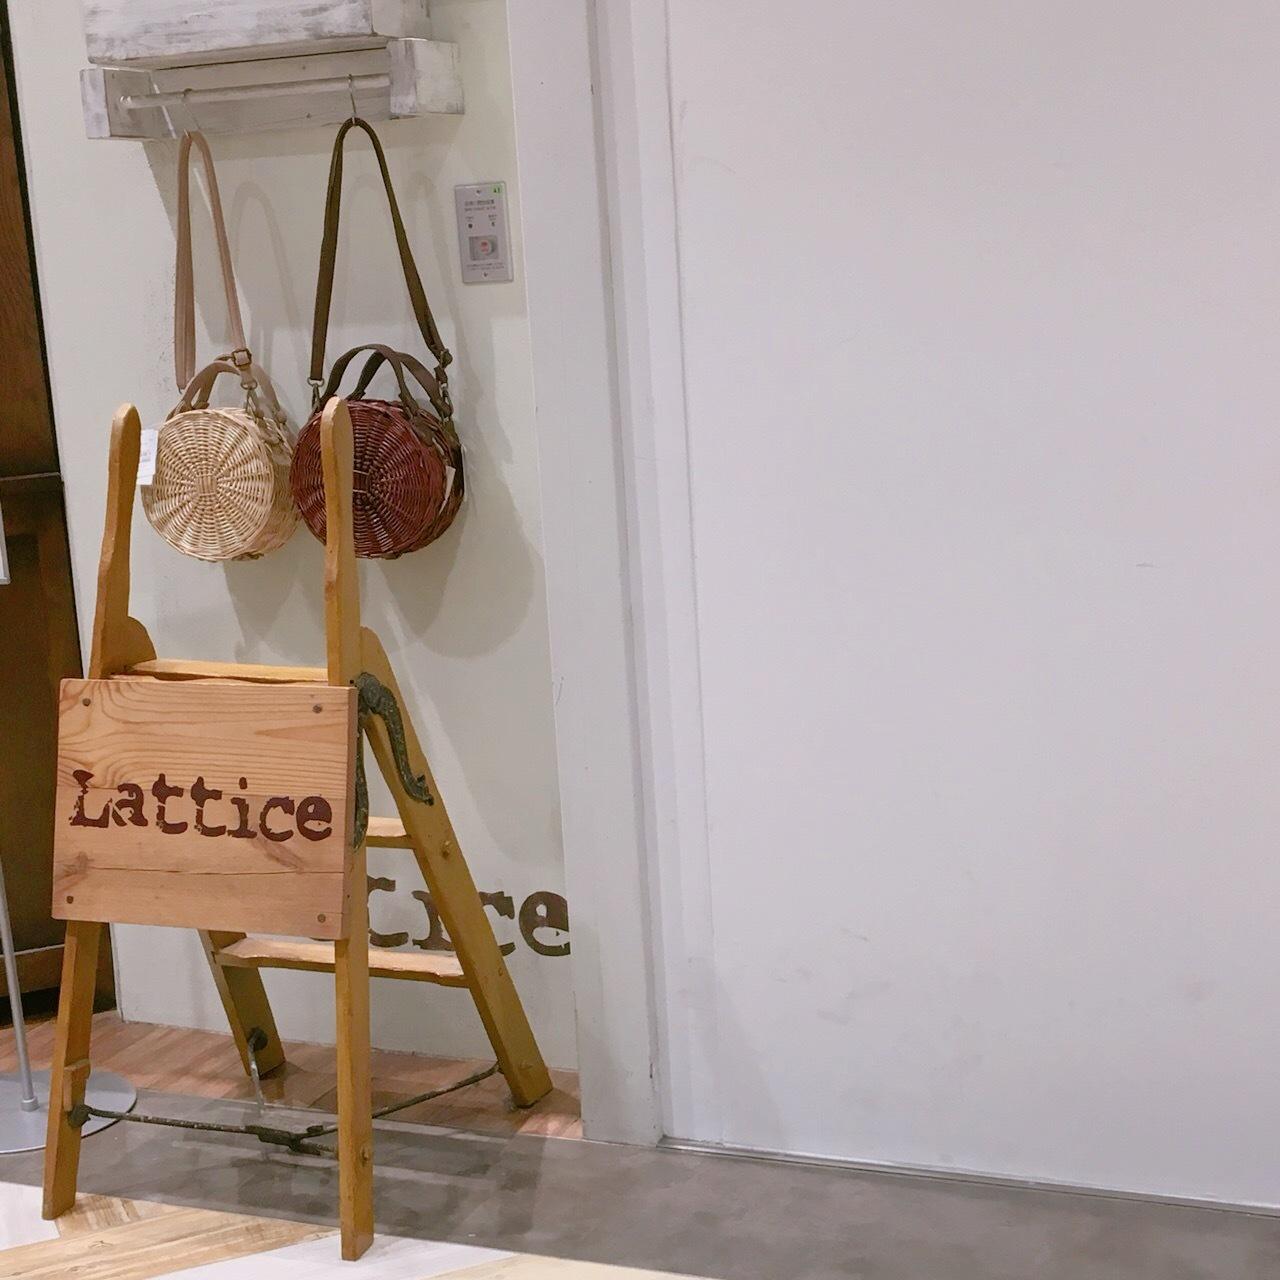 """【 第105回❤︎ 】プチプラアクセサリーショップ""""Lattice""""でお買い物♪_1_2-2"""